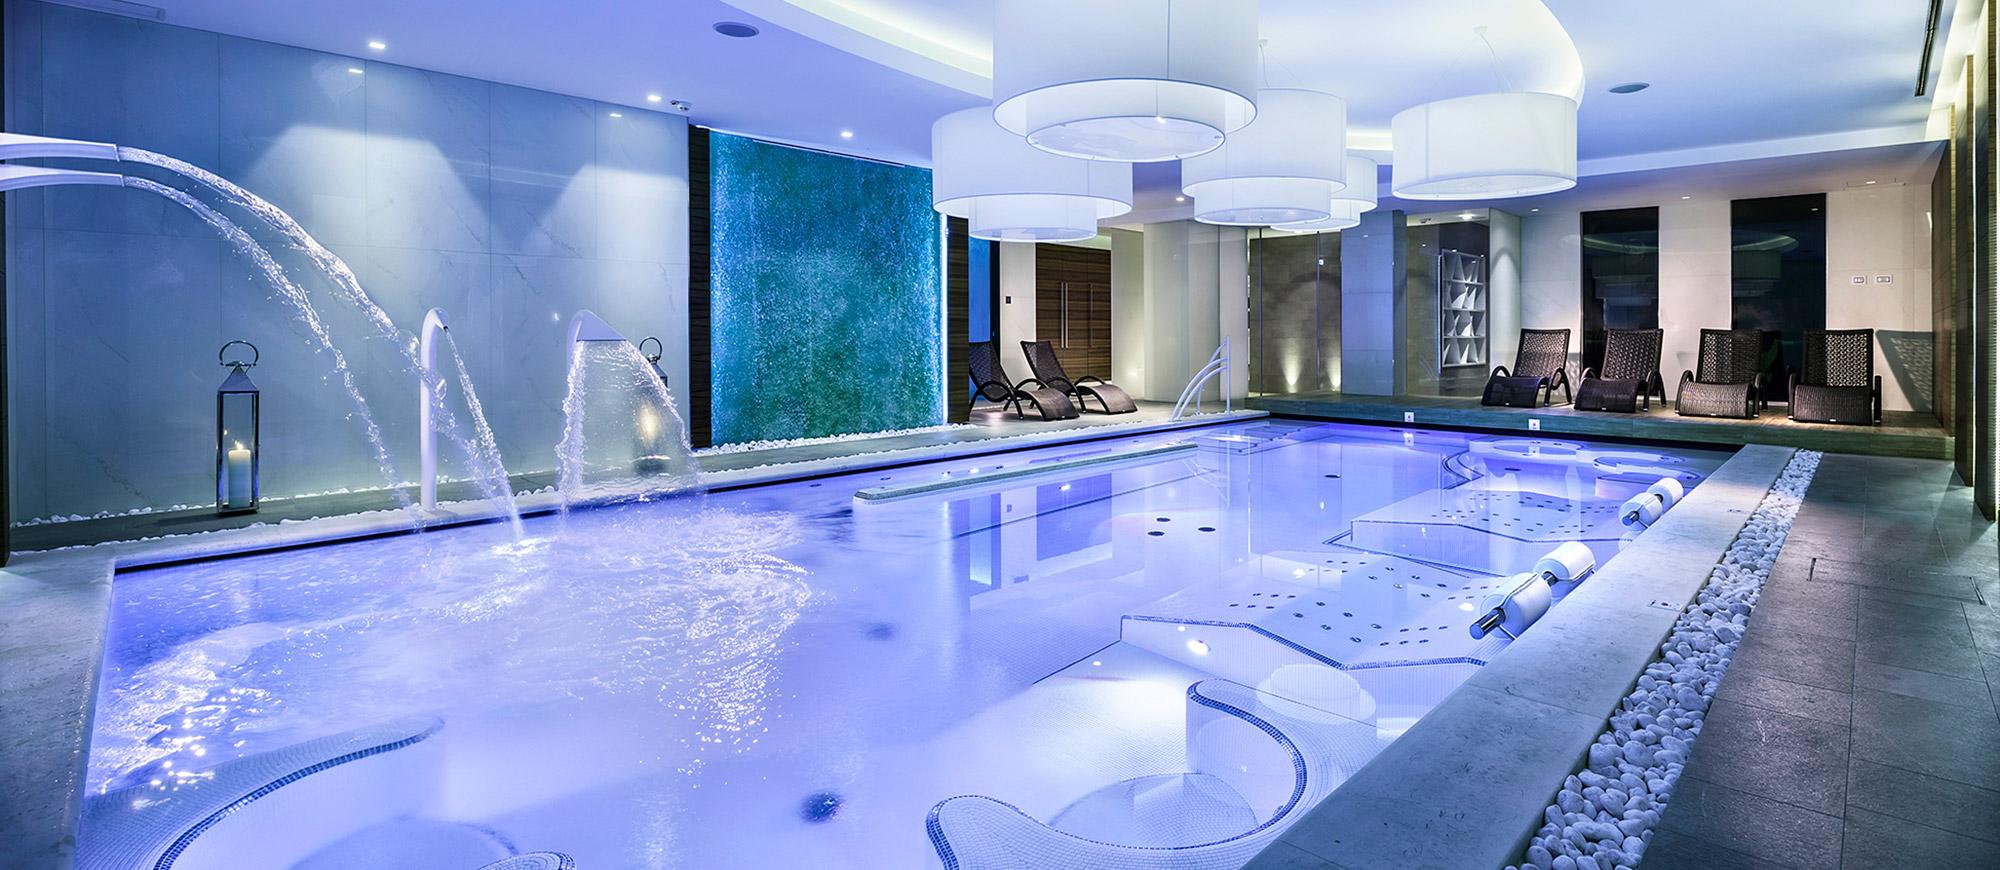 Hotel 4 stelle Riccione Alberghi con Piscina Centro